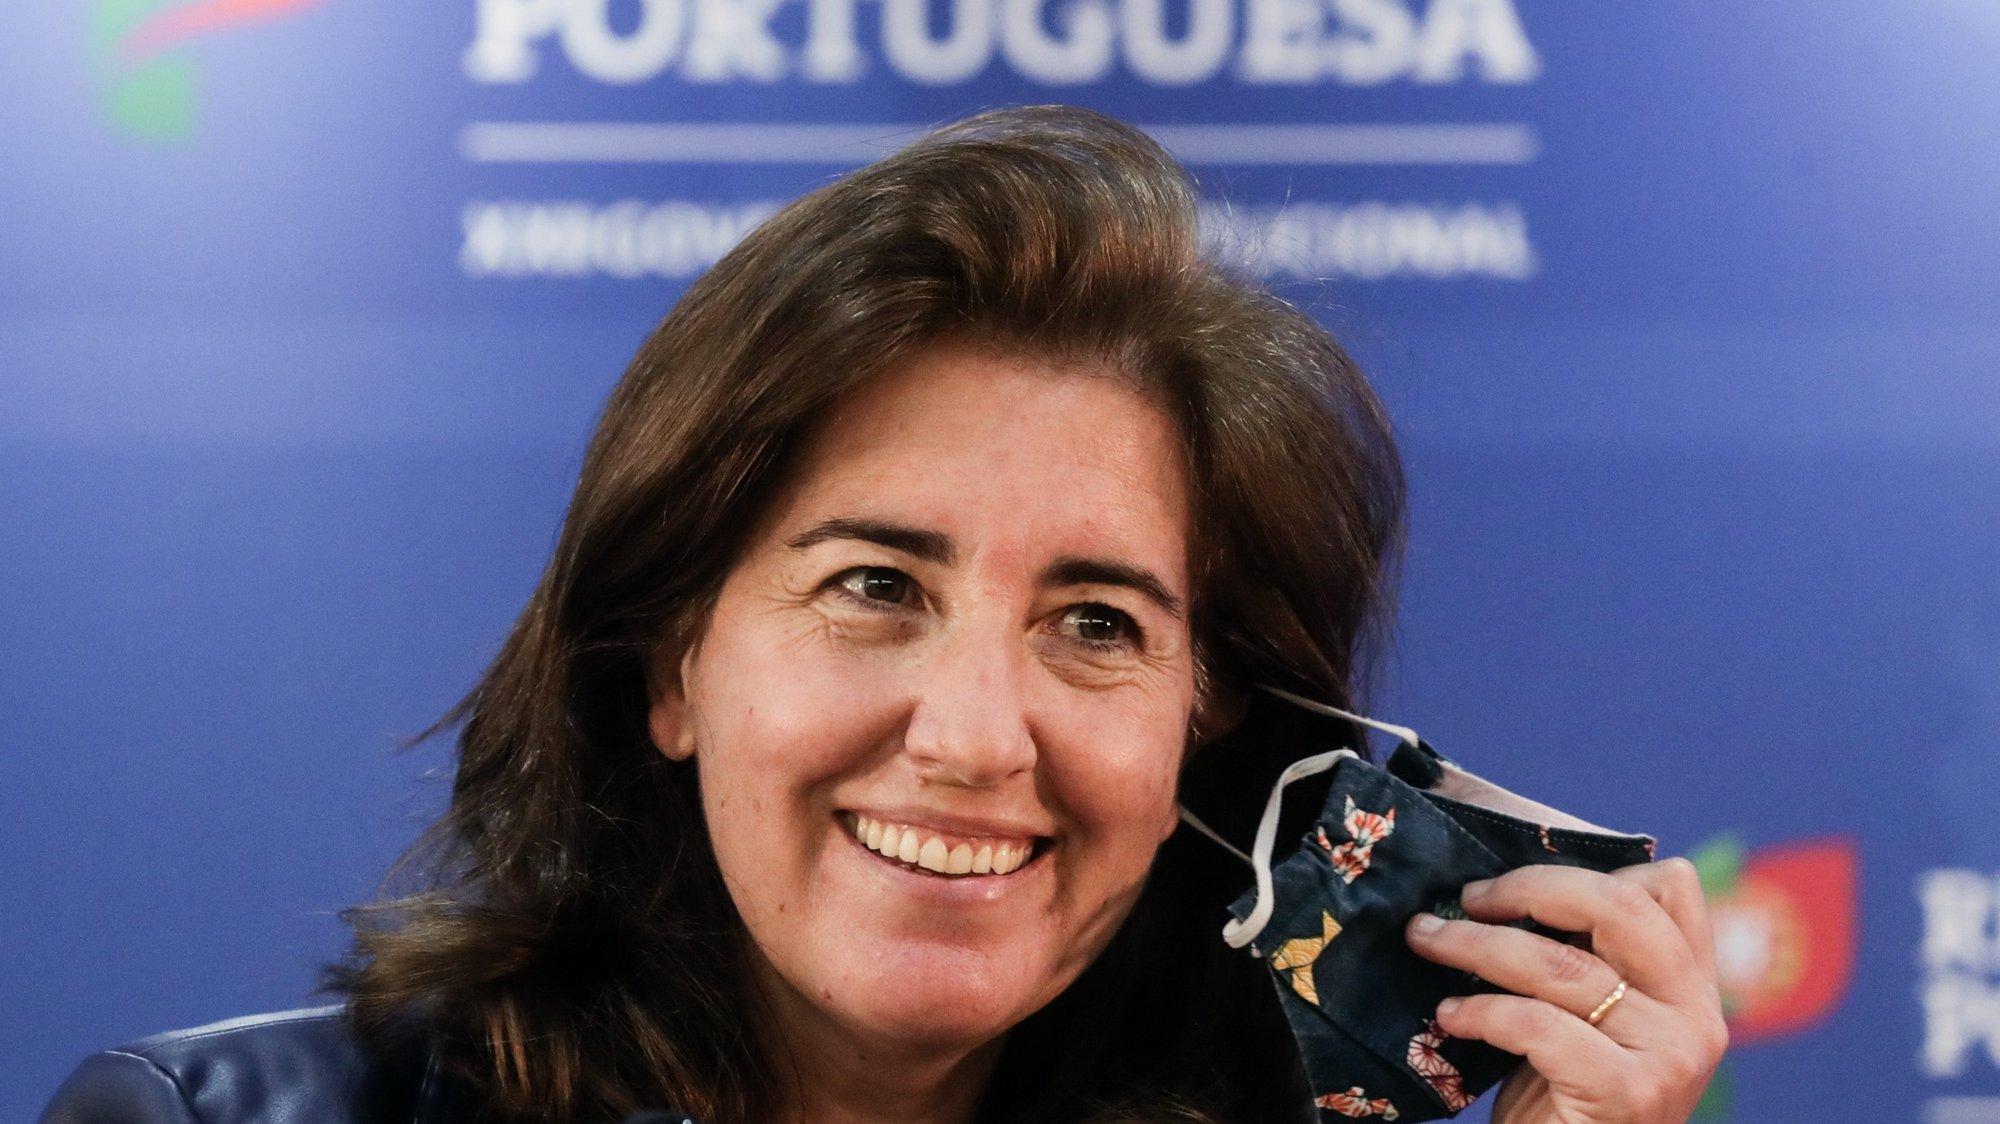 A ministra do Trabalho, Solidariedade e Segurança Social, Ana Mendes Godinho, chega para falar numa conferência de imprensa sobre o balanço dos apoios sociais, na sede do ministério em Lisboa, 02 de abril de 2021. TIAGO PETINGA/LUSA